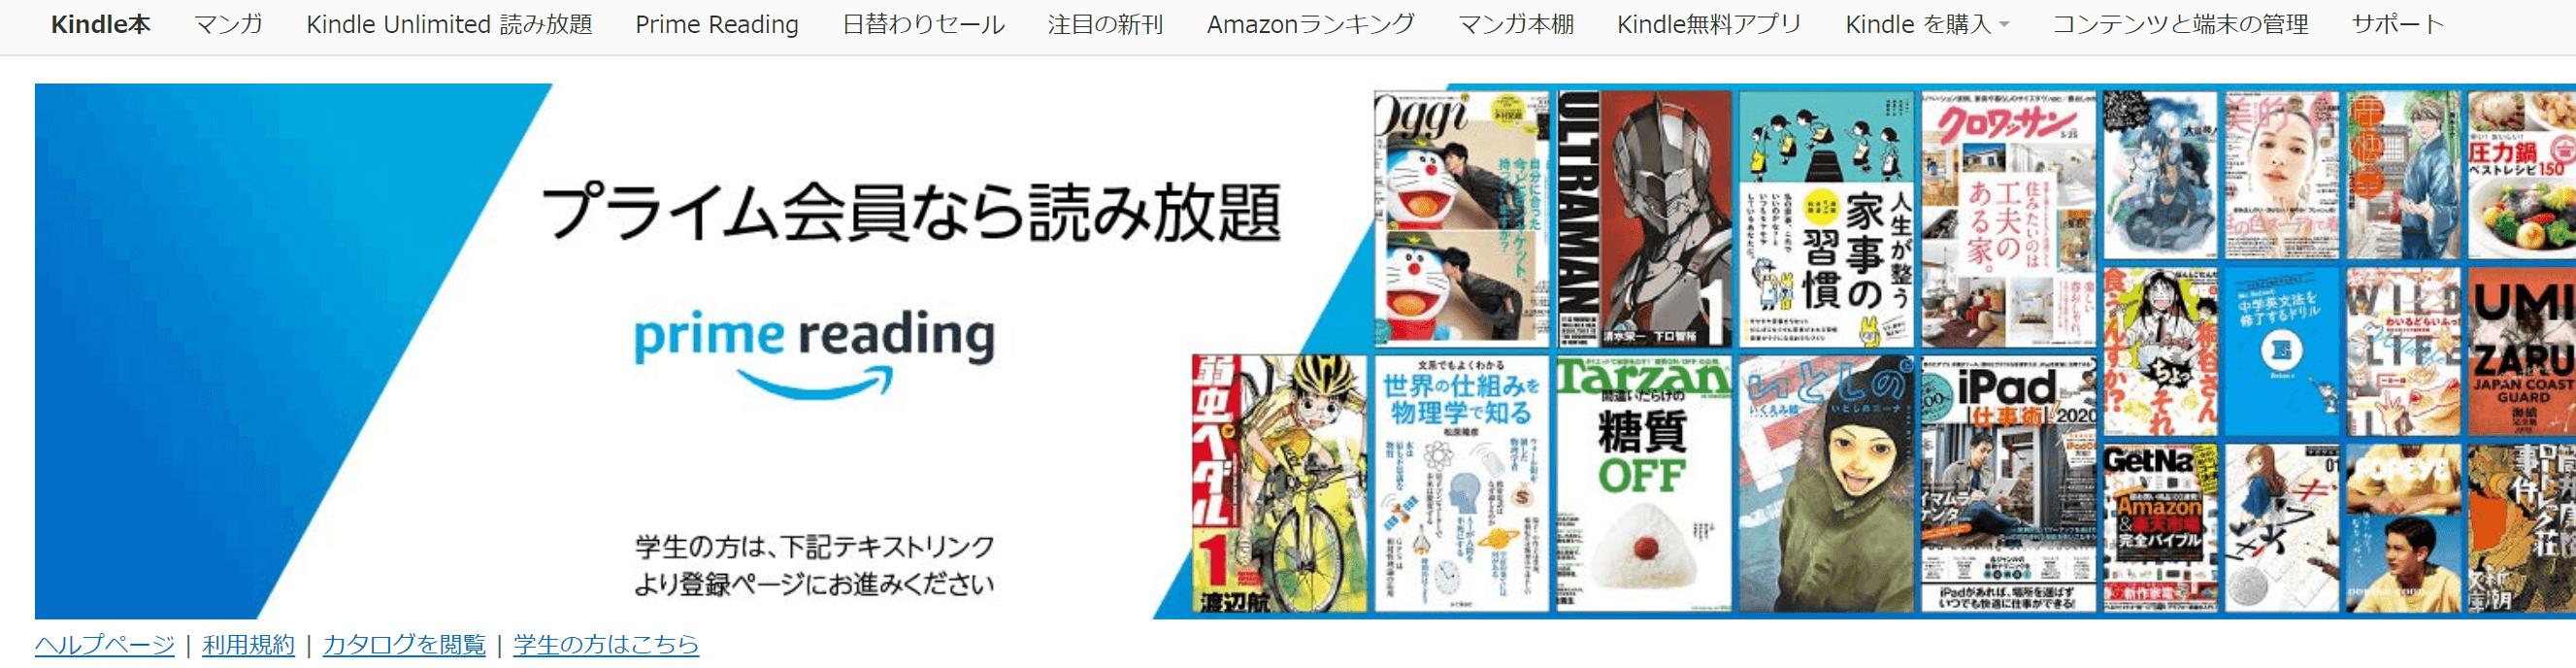 Amazonプライムなら本が読み放題